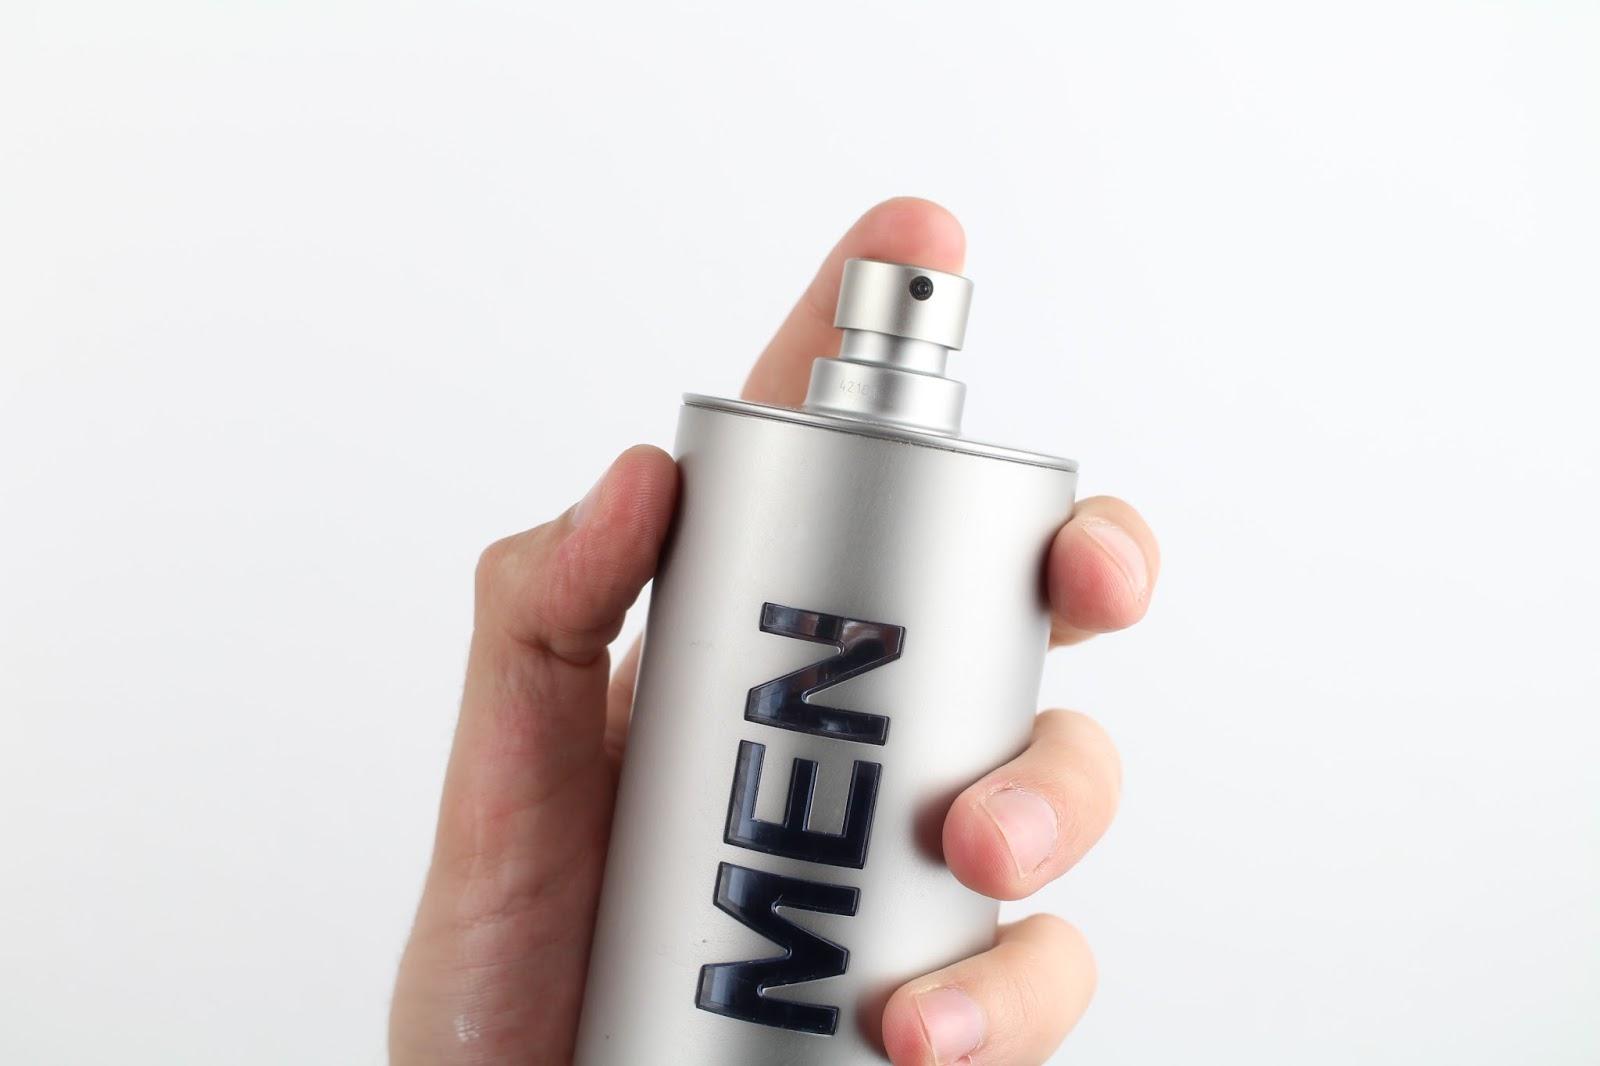 LEO KLEIN - 212 MEN - 212 TO YOU OR TO MEN, TO ME OR 212?